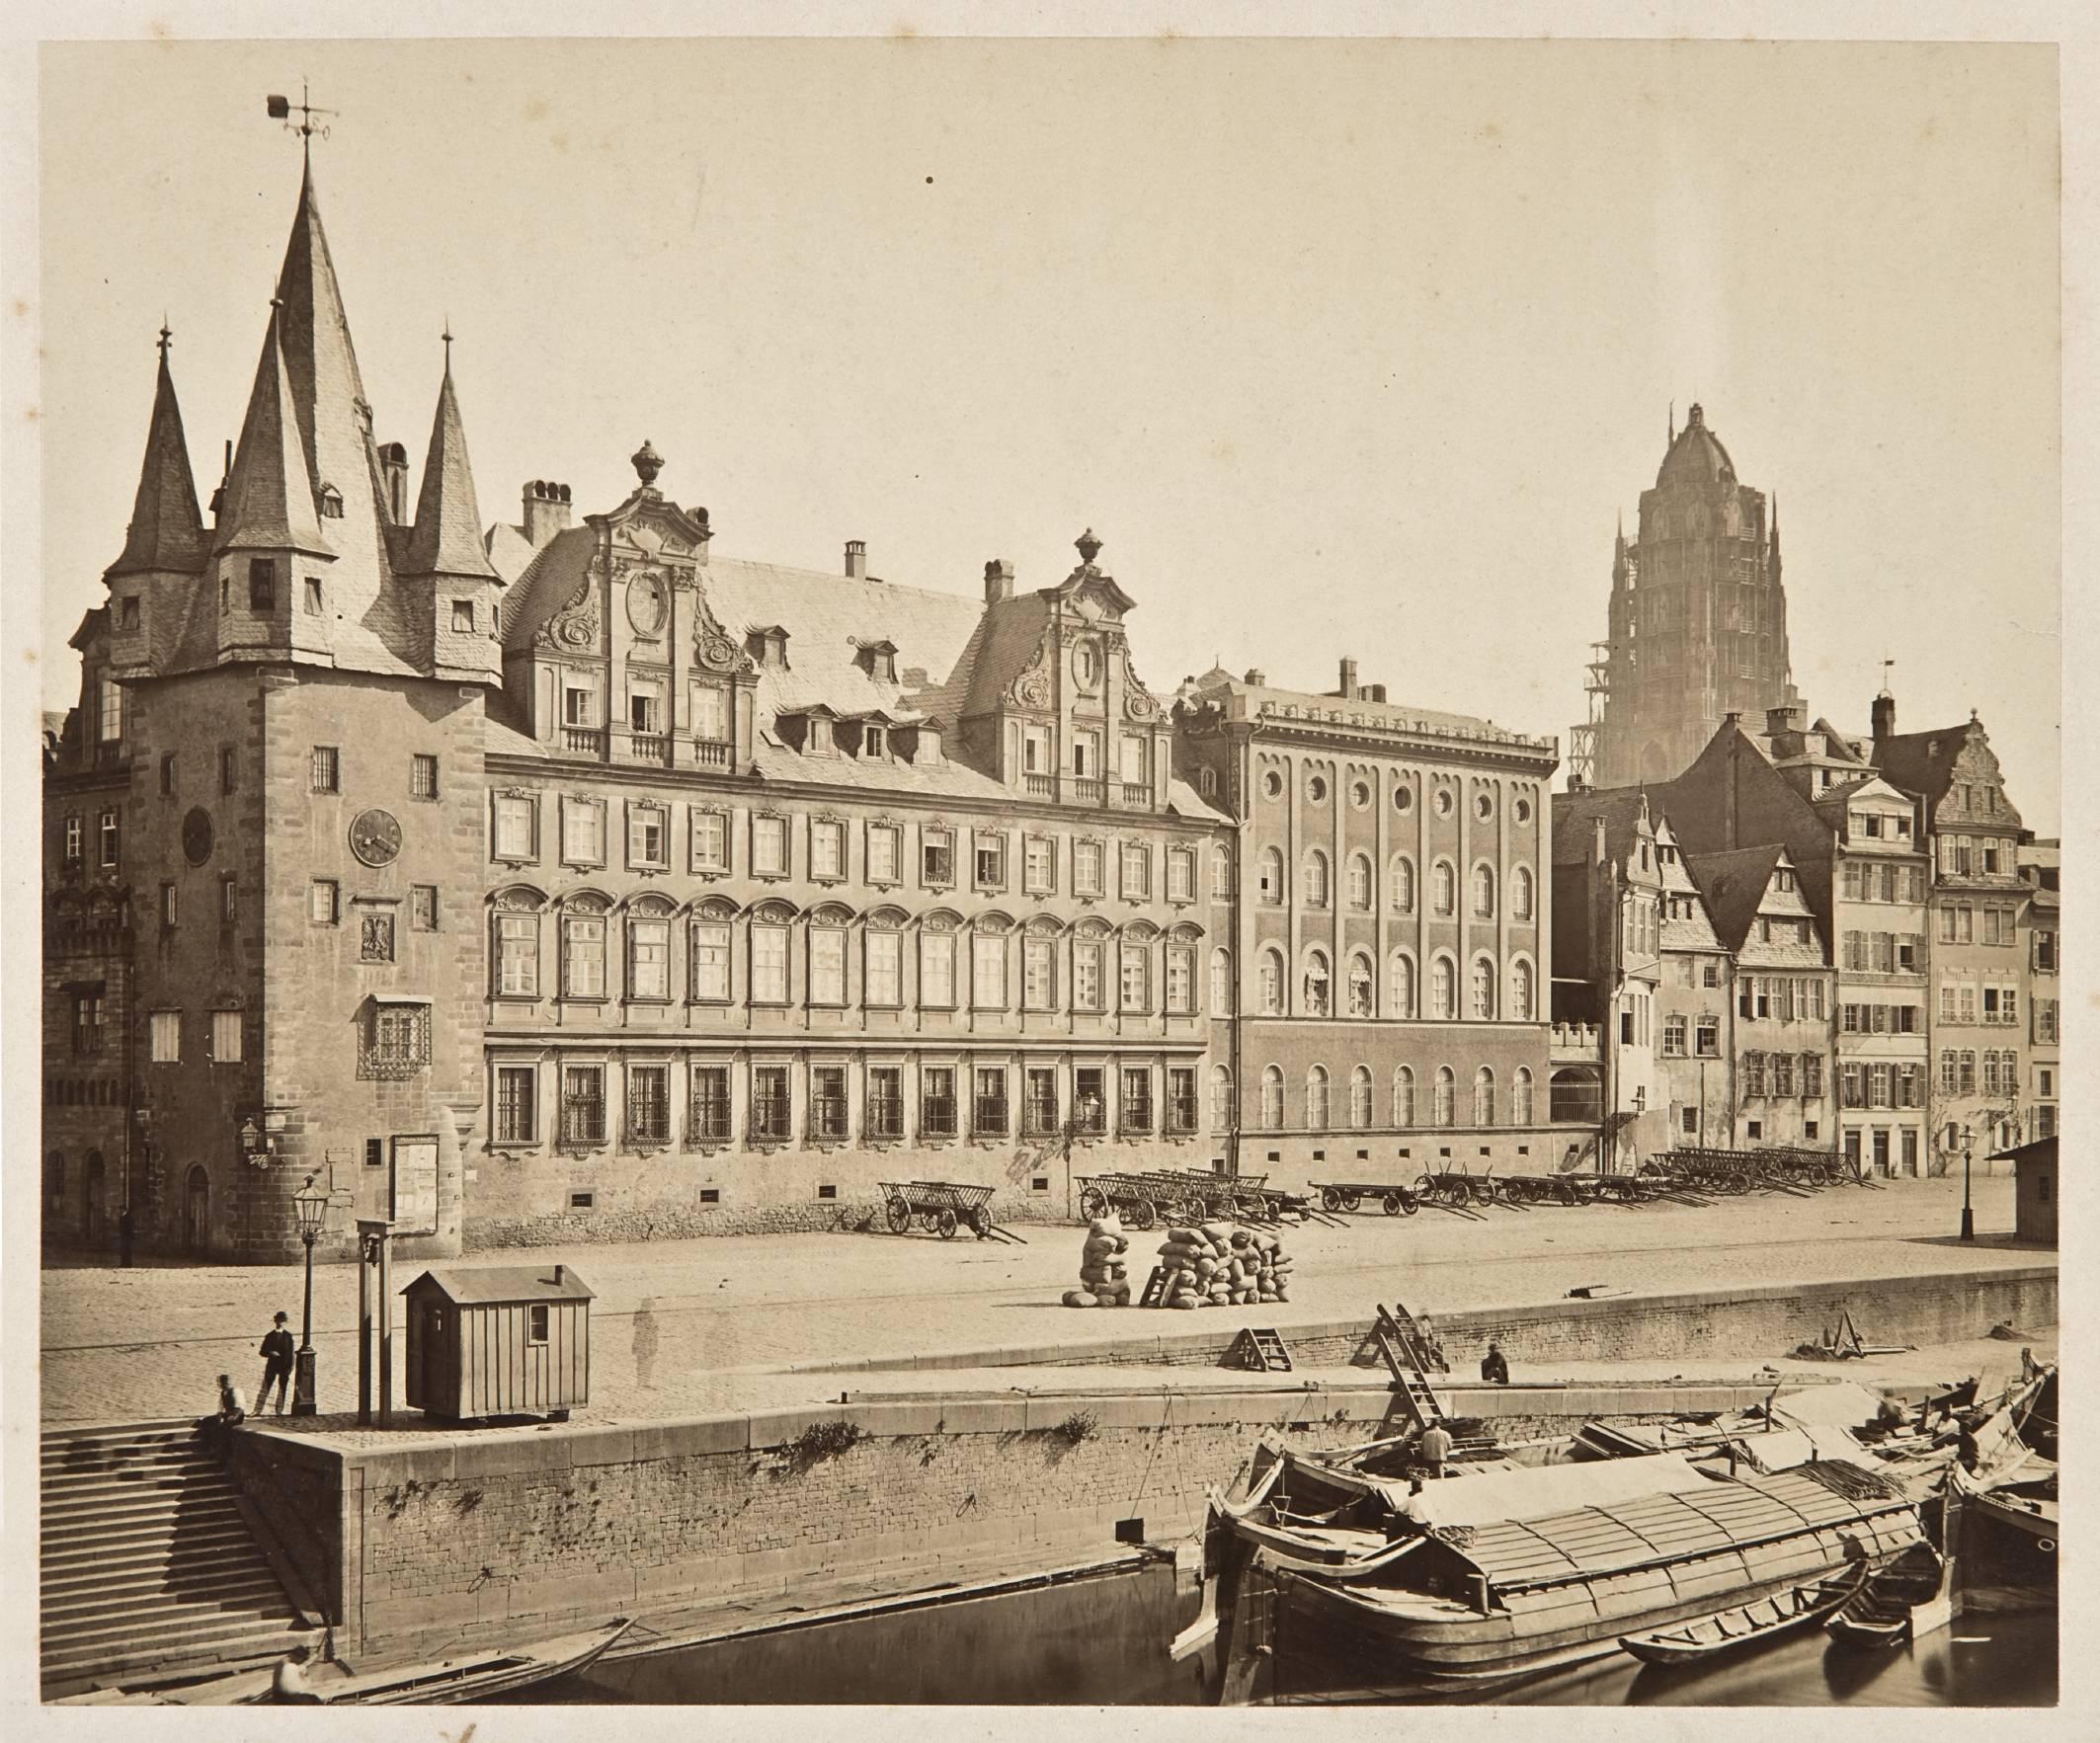 Rententurm mit Bernus- und Burnitzbau und Saalhof, Fotografie von F. Friedrich, 1869 (c) historisches museum frankfurt, Foto: H. Ziegenfusz